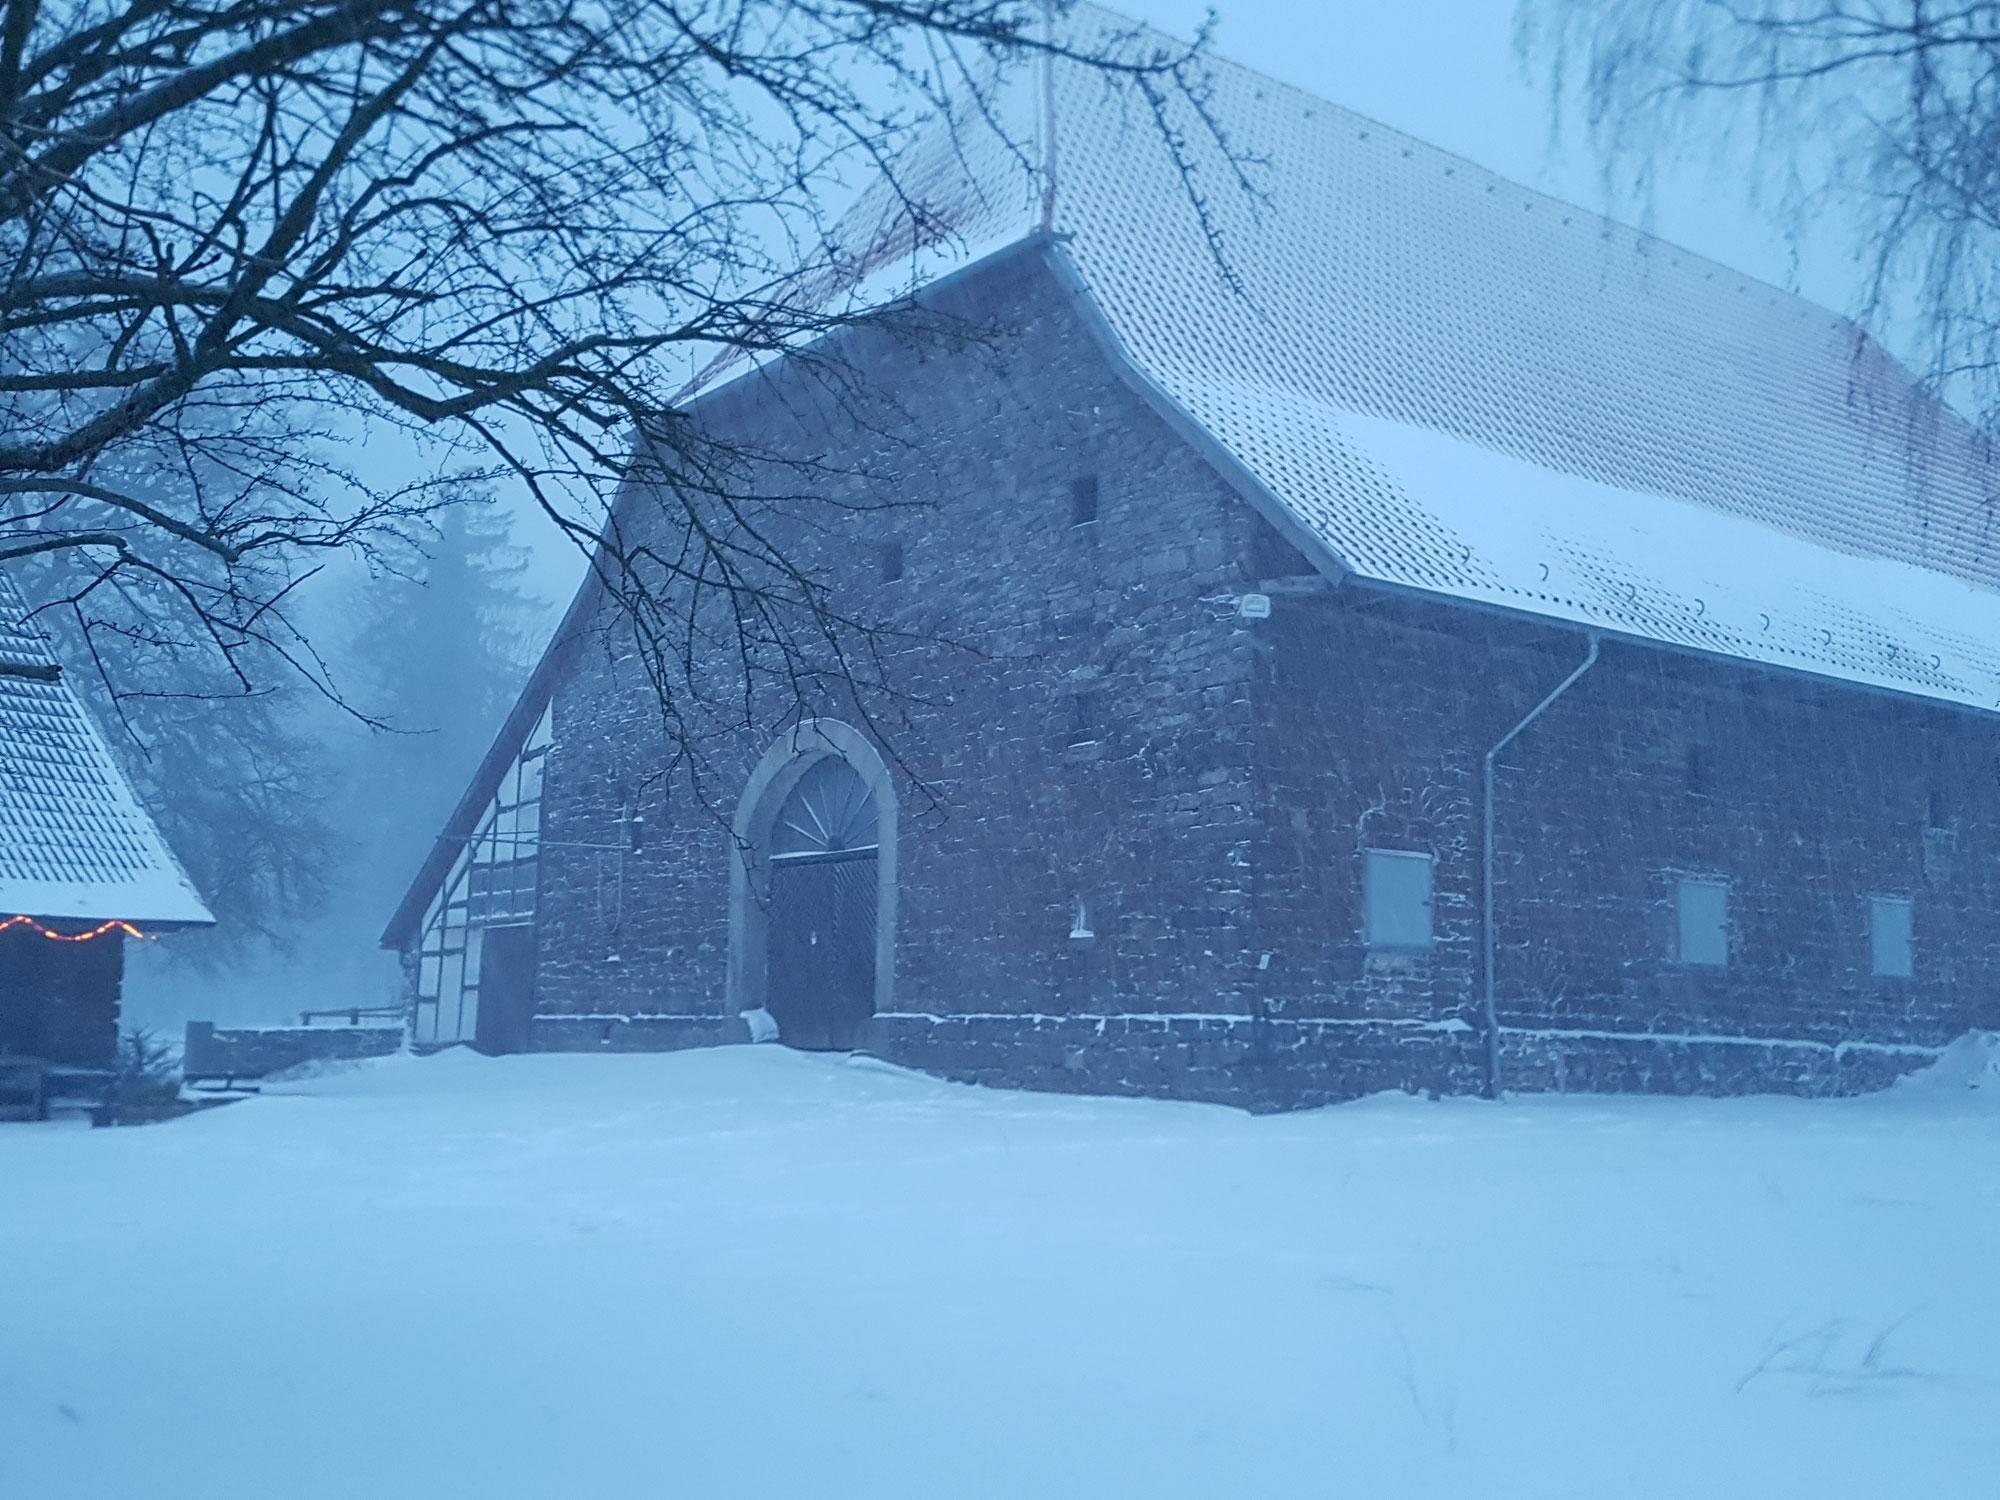 Der Rieperturm im Schnee